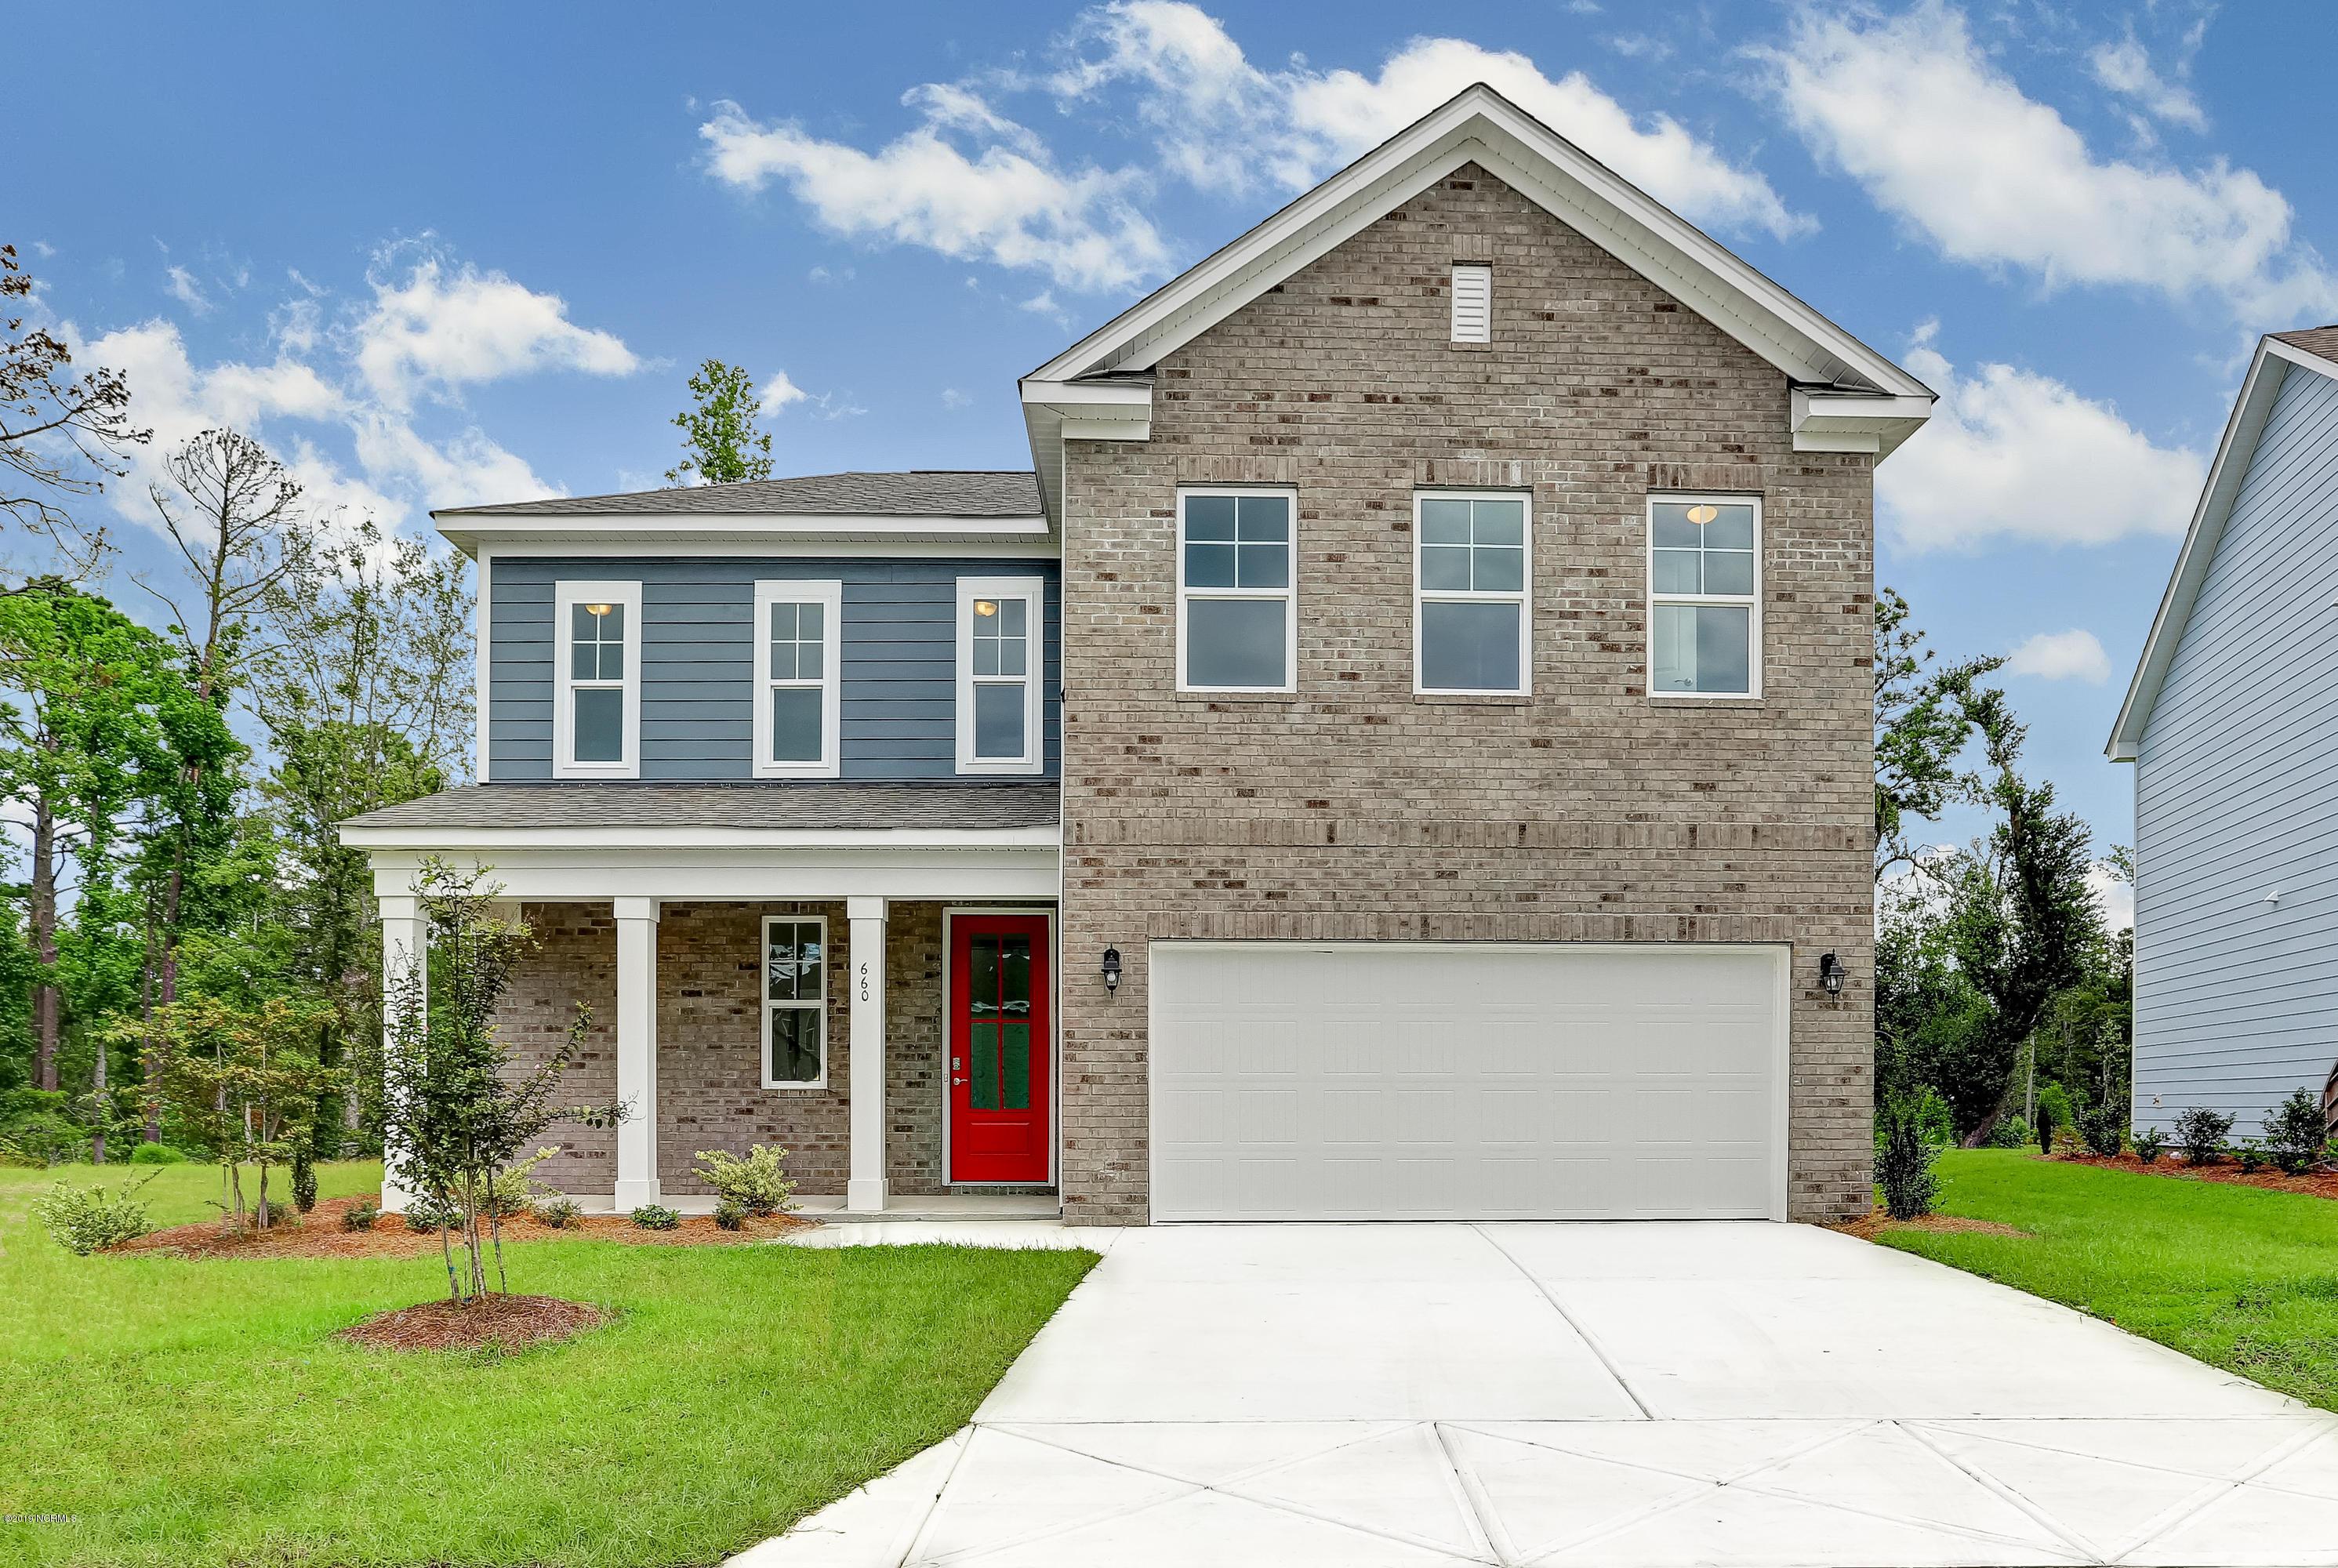 660 Seathwaite Lane Leland, NC 28451